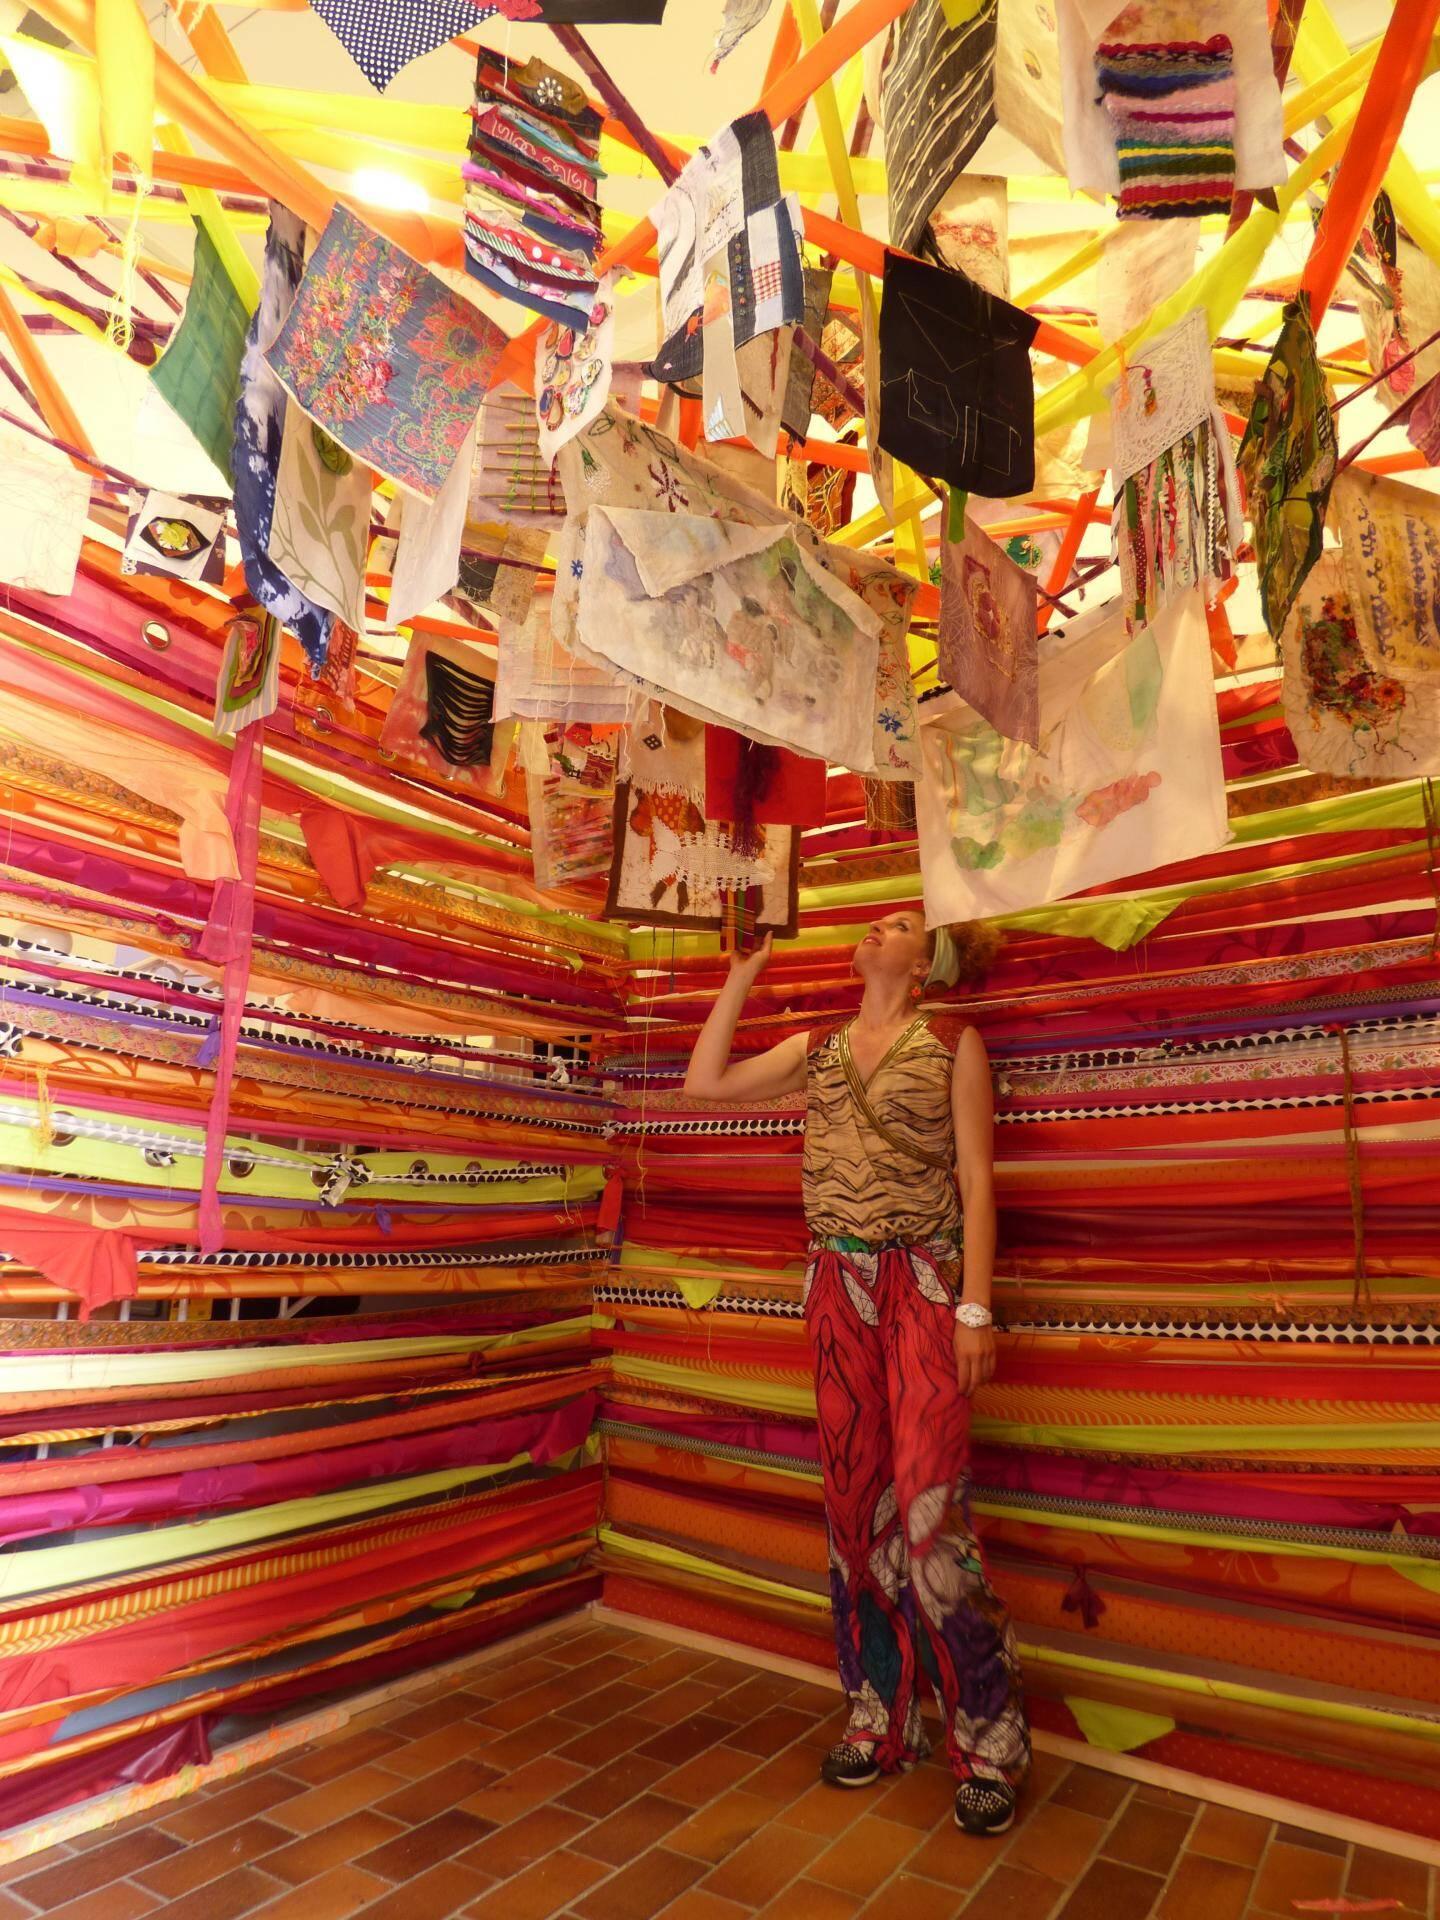 Anne Séchet devant l'installation principale de l'expo de la Maison des artistes de Cagnes. (L.Q.)